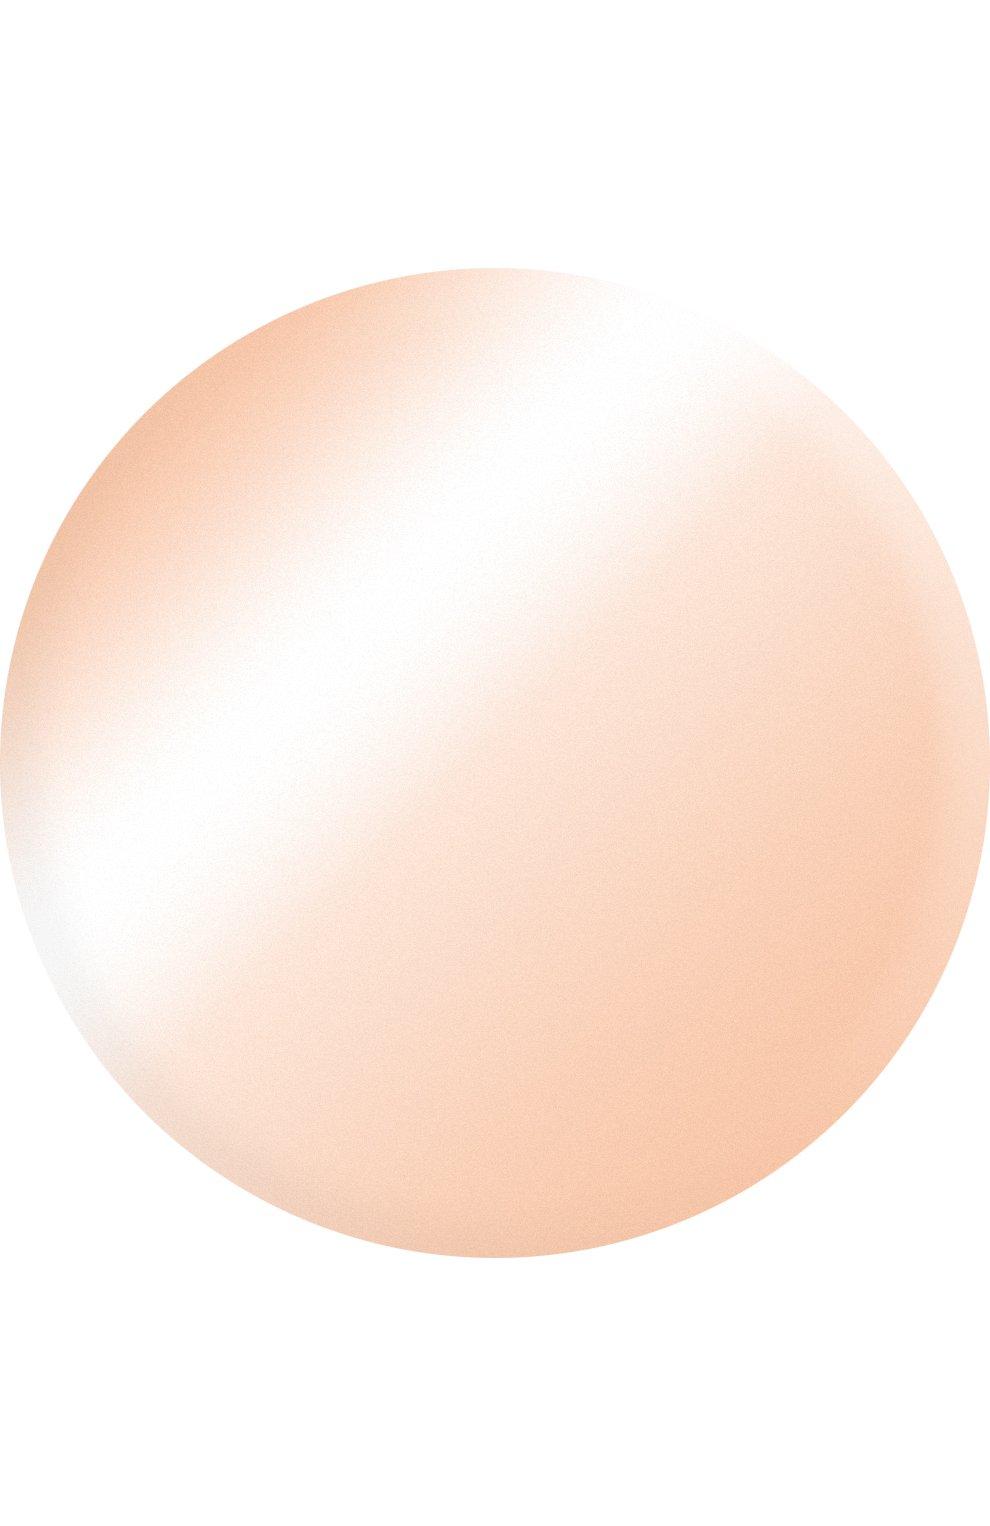 Женская прозрачная матирующая компактная пудра i00 SHISEIDO бесцветного цвета, арт. 10352SH   Фото 2